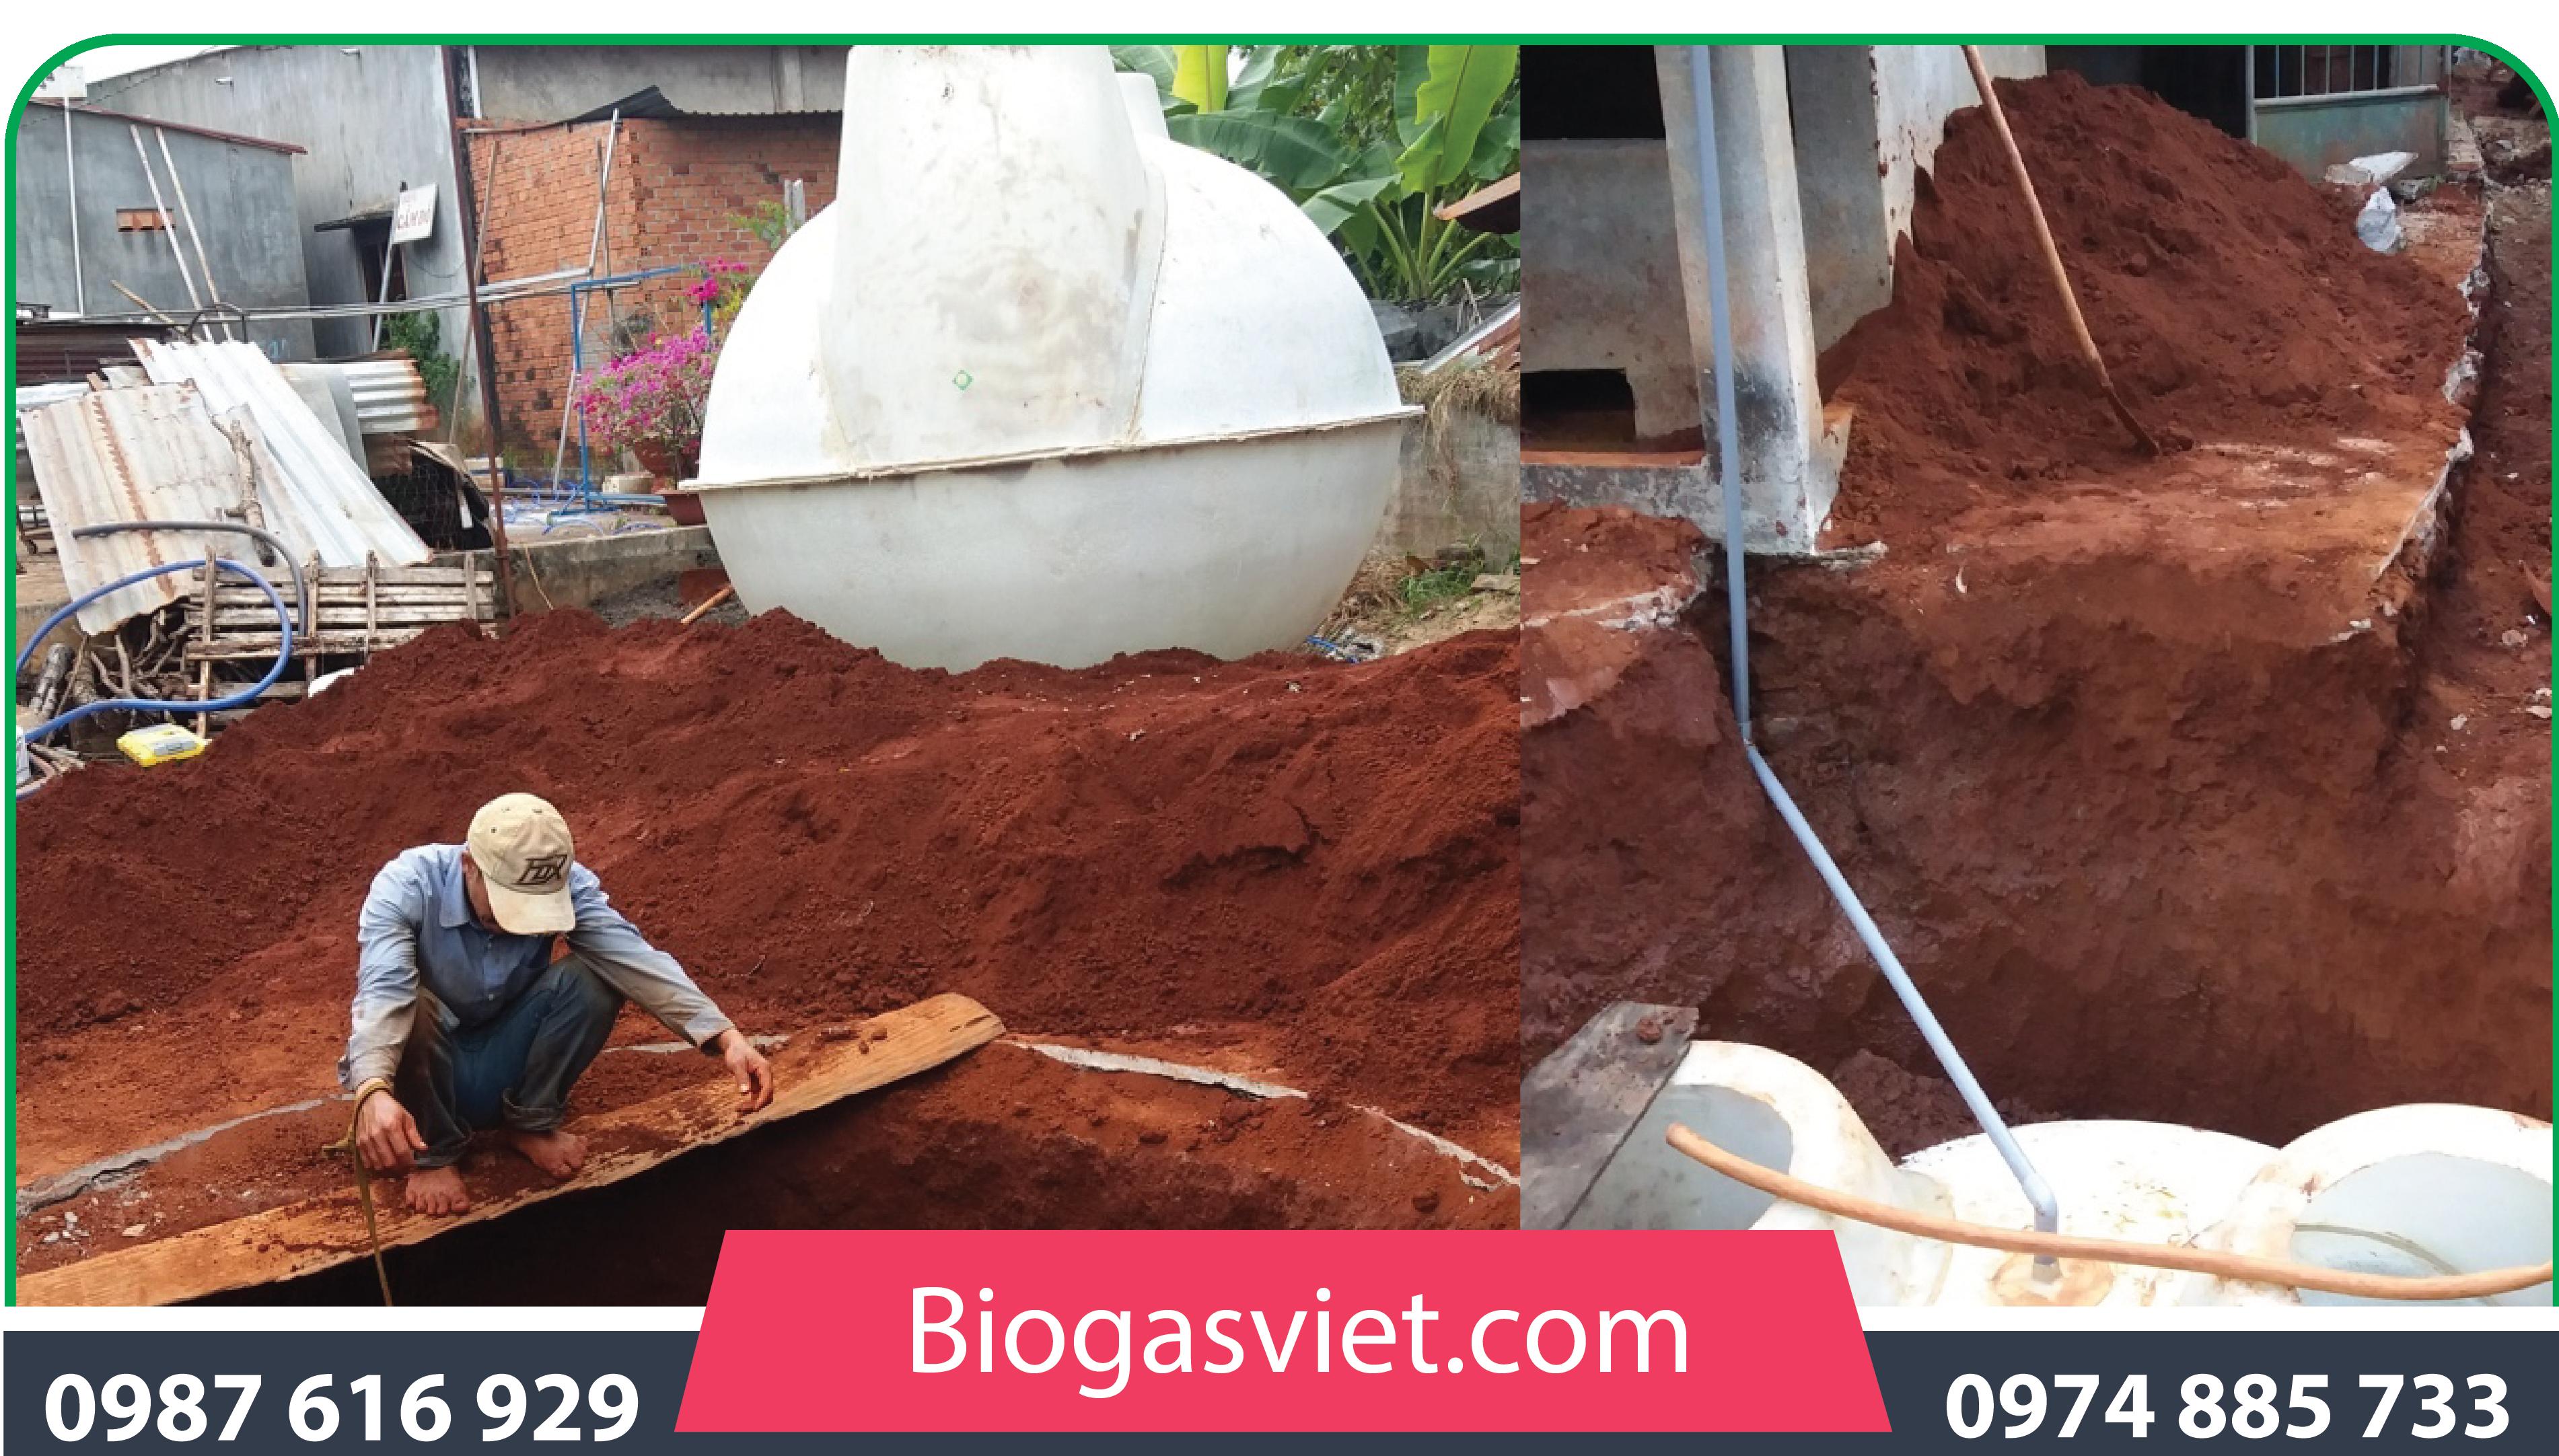 quy trình sản xuấtkhí biogas